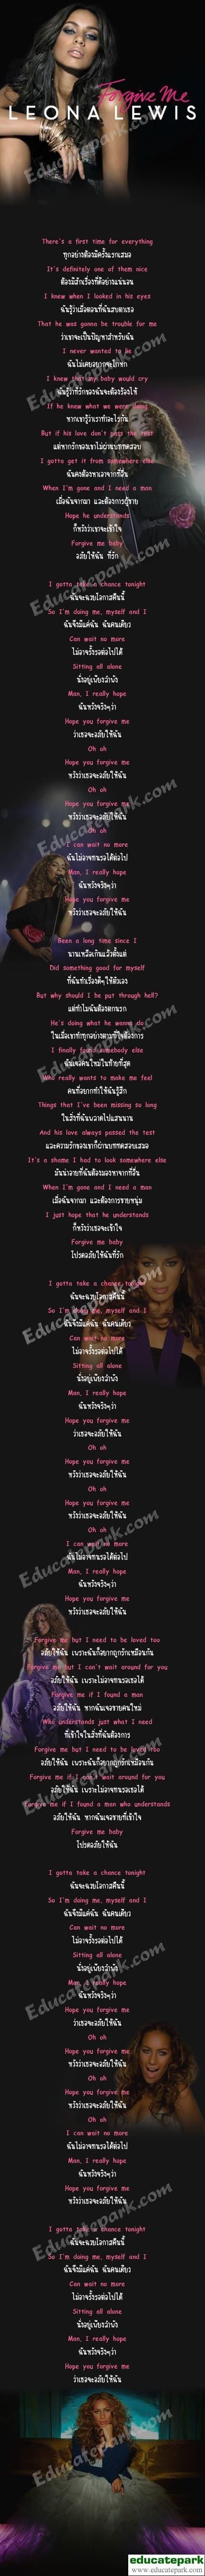 แปลเพลง Forgive Me - LEONA LEWIS